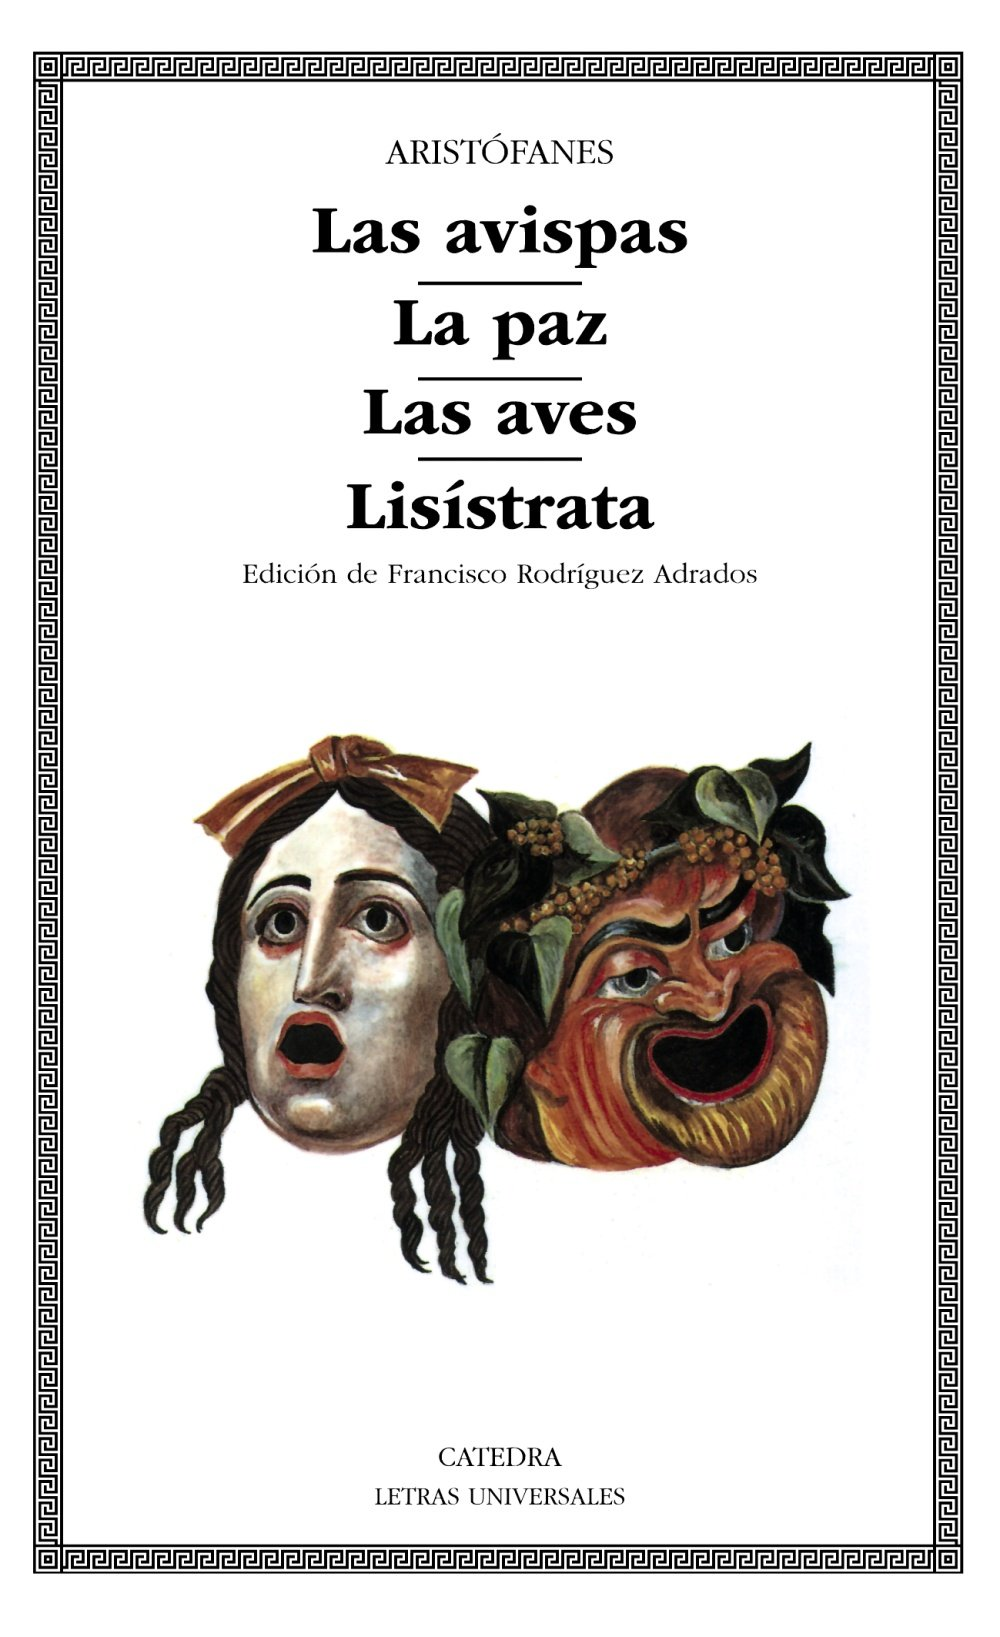 Las avispas; La paz; Las aves; Lisístrata (Letras Universales) Tapa blanda – 6 sep 2004 Aristófanes Cátedra 8437606500 Ancient and Classical